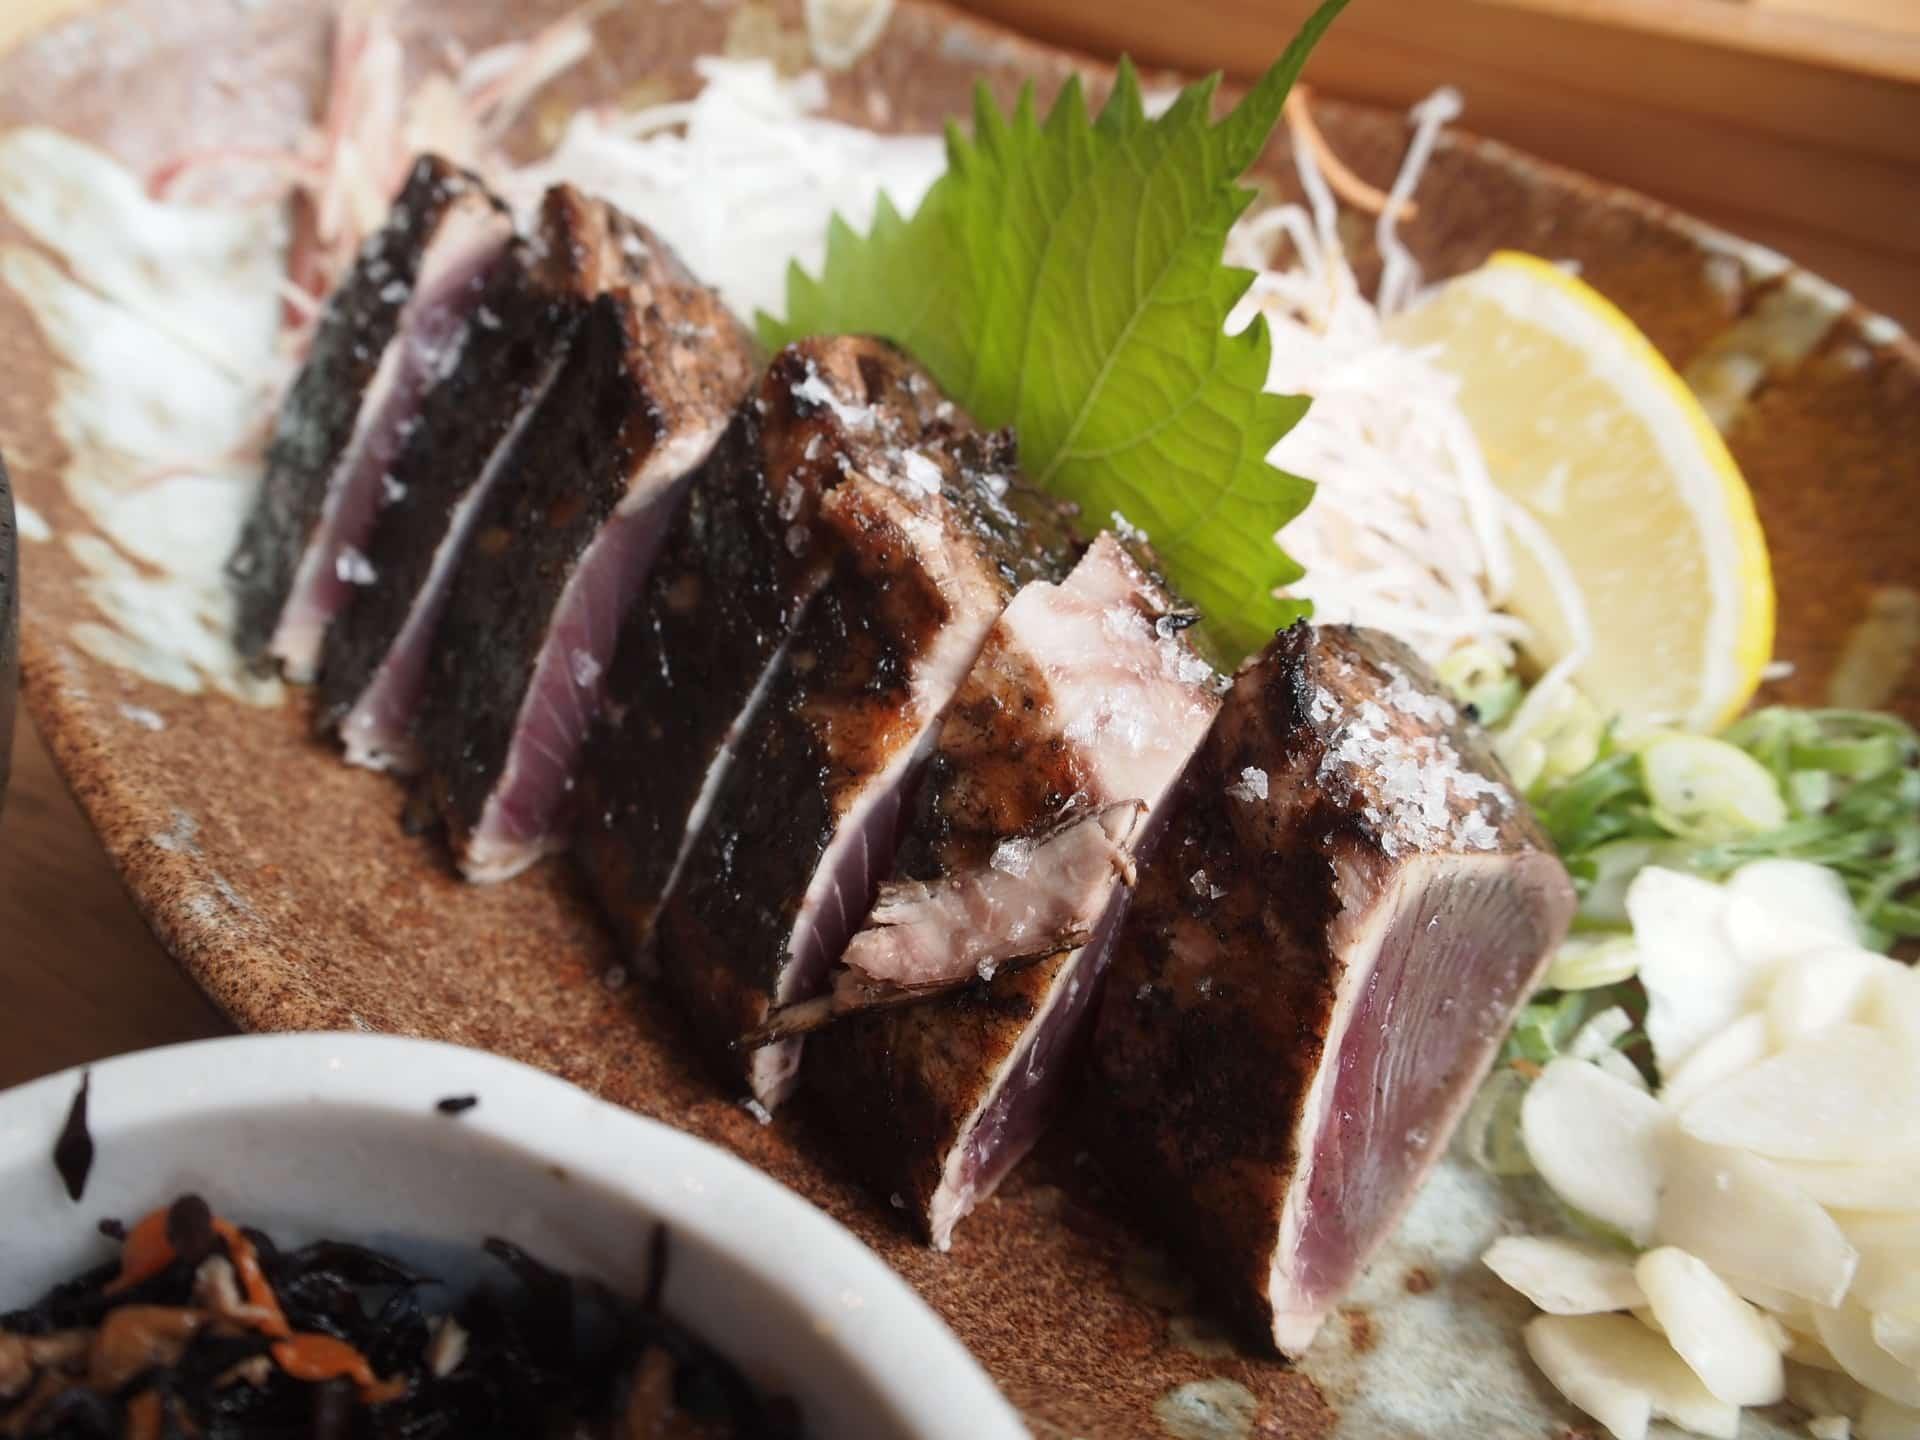 土佐清水ワールド 三宮磯上通店 − 神戸で新鮮&肉厚なカツオのヘルシーランチ